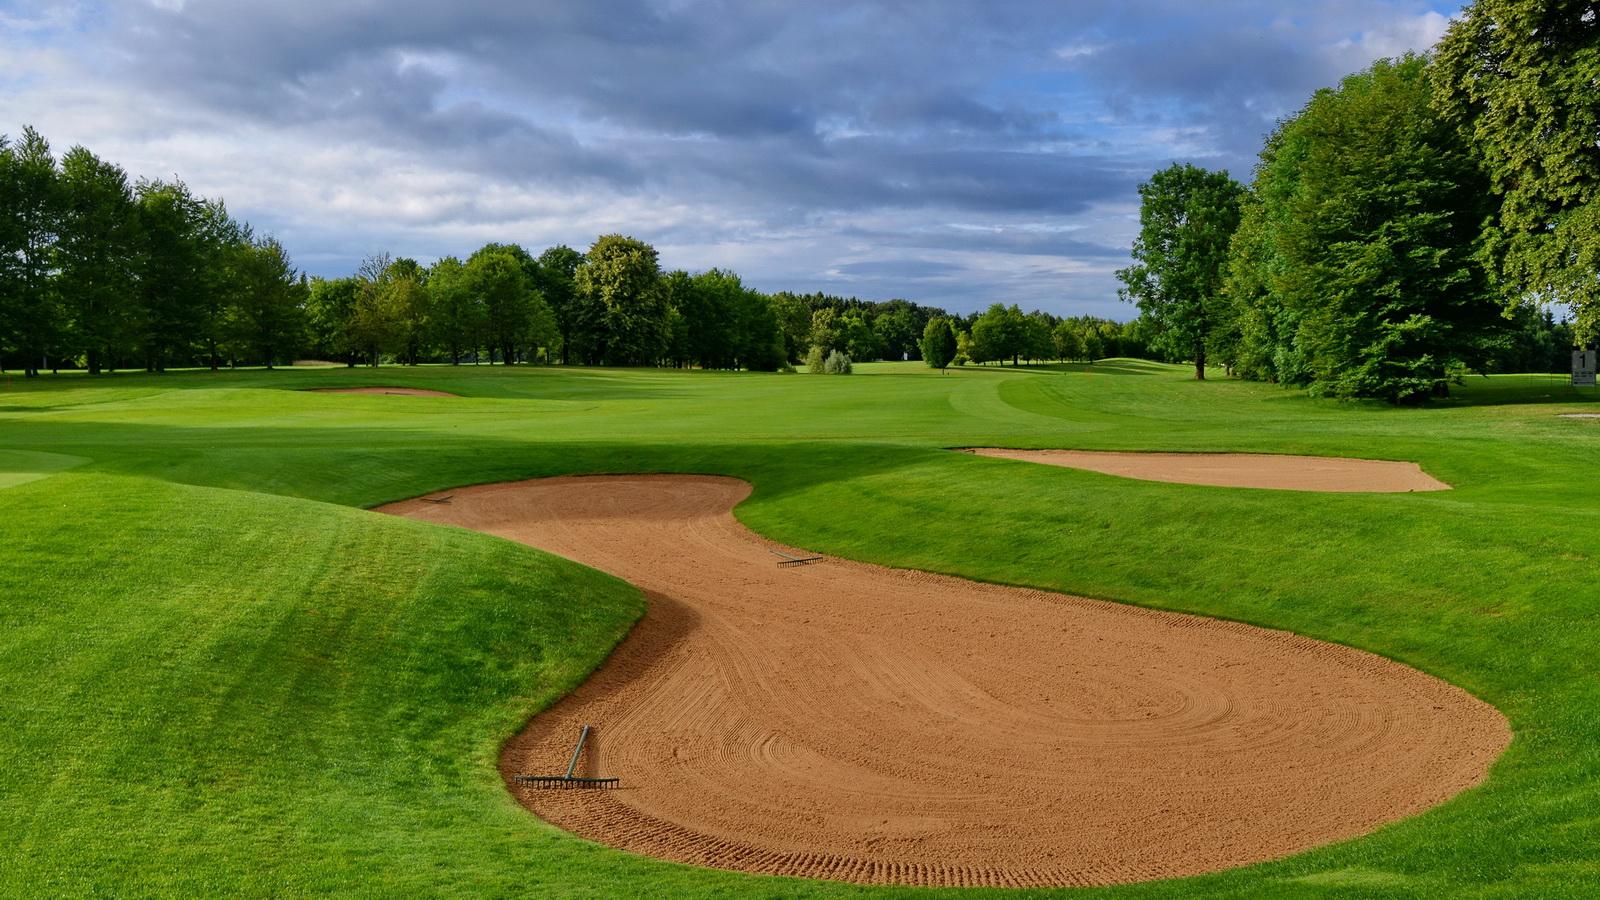 Ob es der Golfclub Wörthsee in den Golfkalender 2015 schafft liegt ganz allein in ihrer Hand. (Foto: Frank Föhlinger)